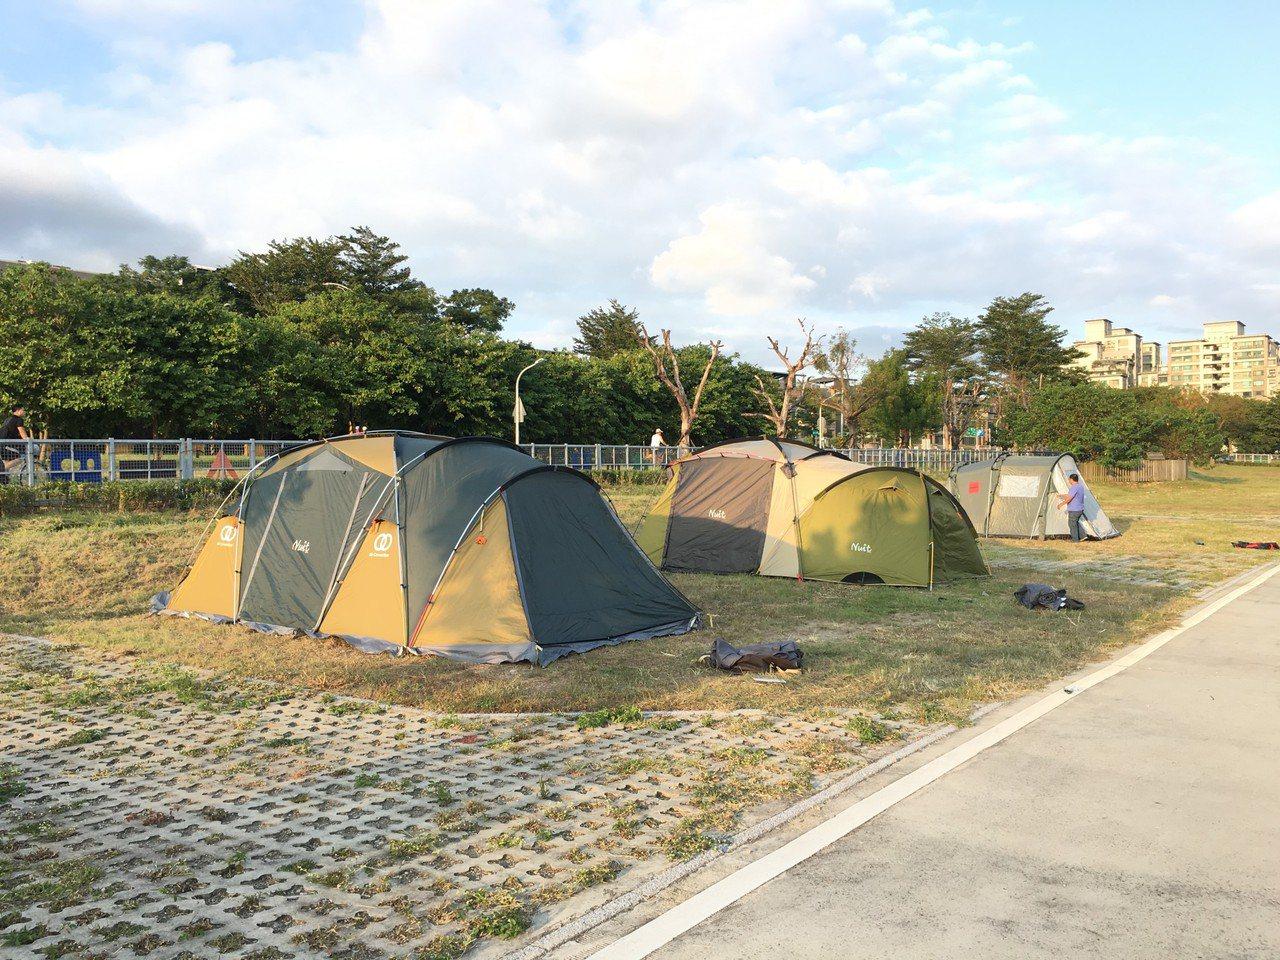 新北市樹林河濱公園露營區11月11日重新開幕營運,設有38個營位並提供露營裝備。...